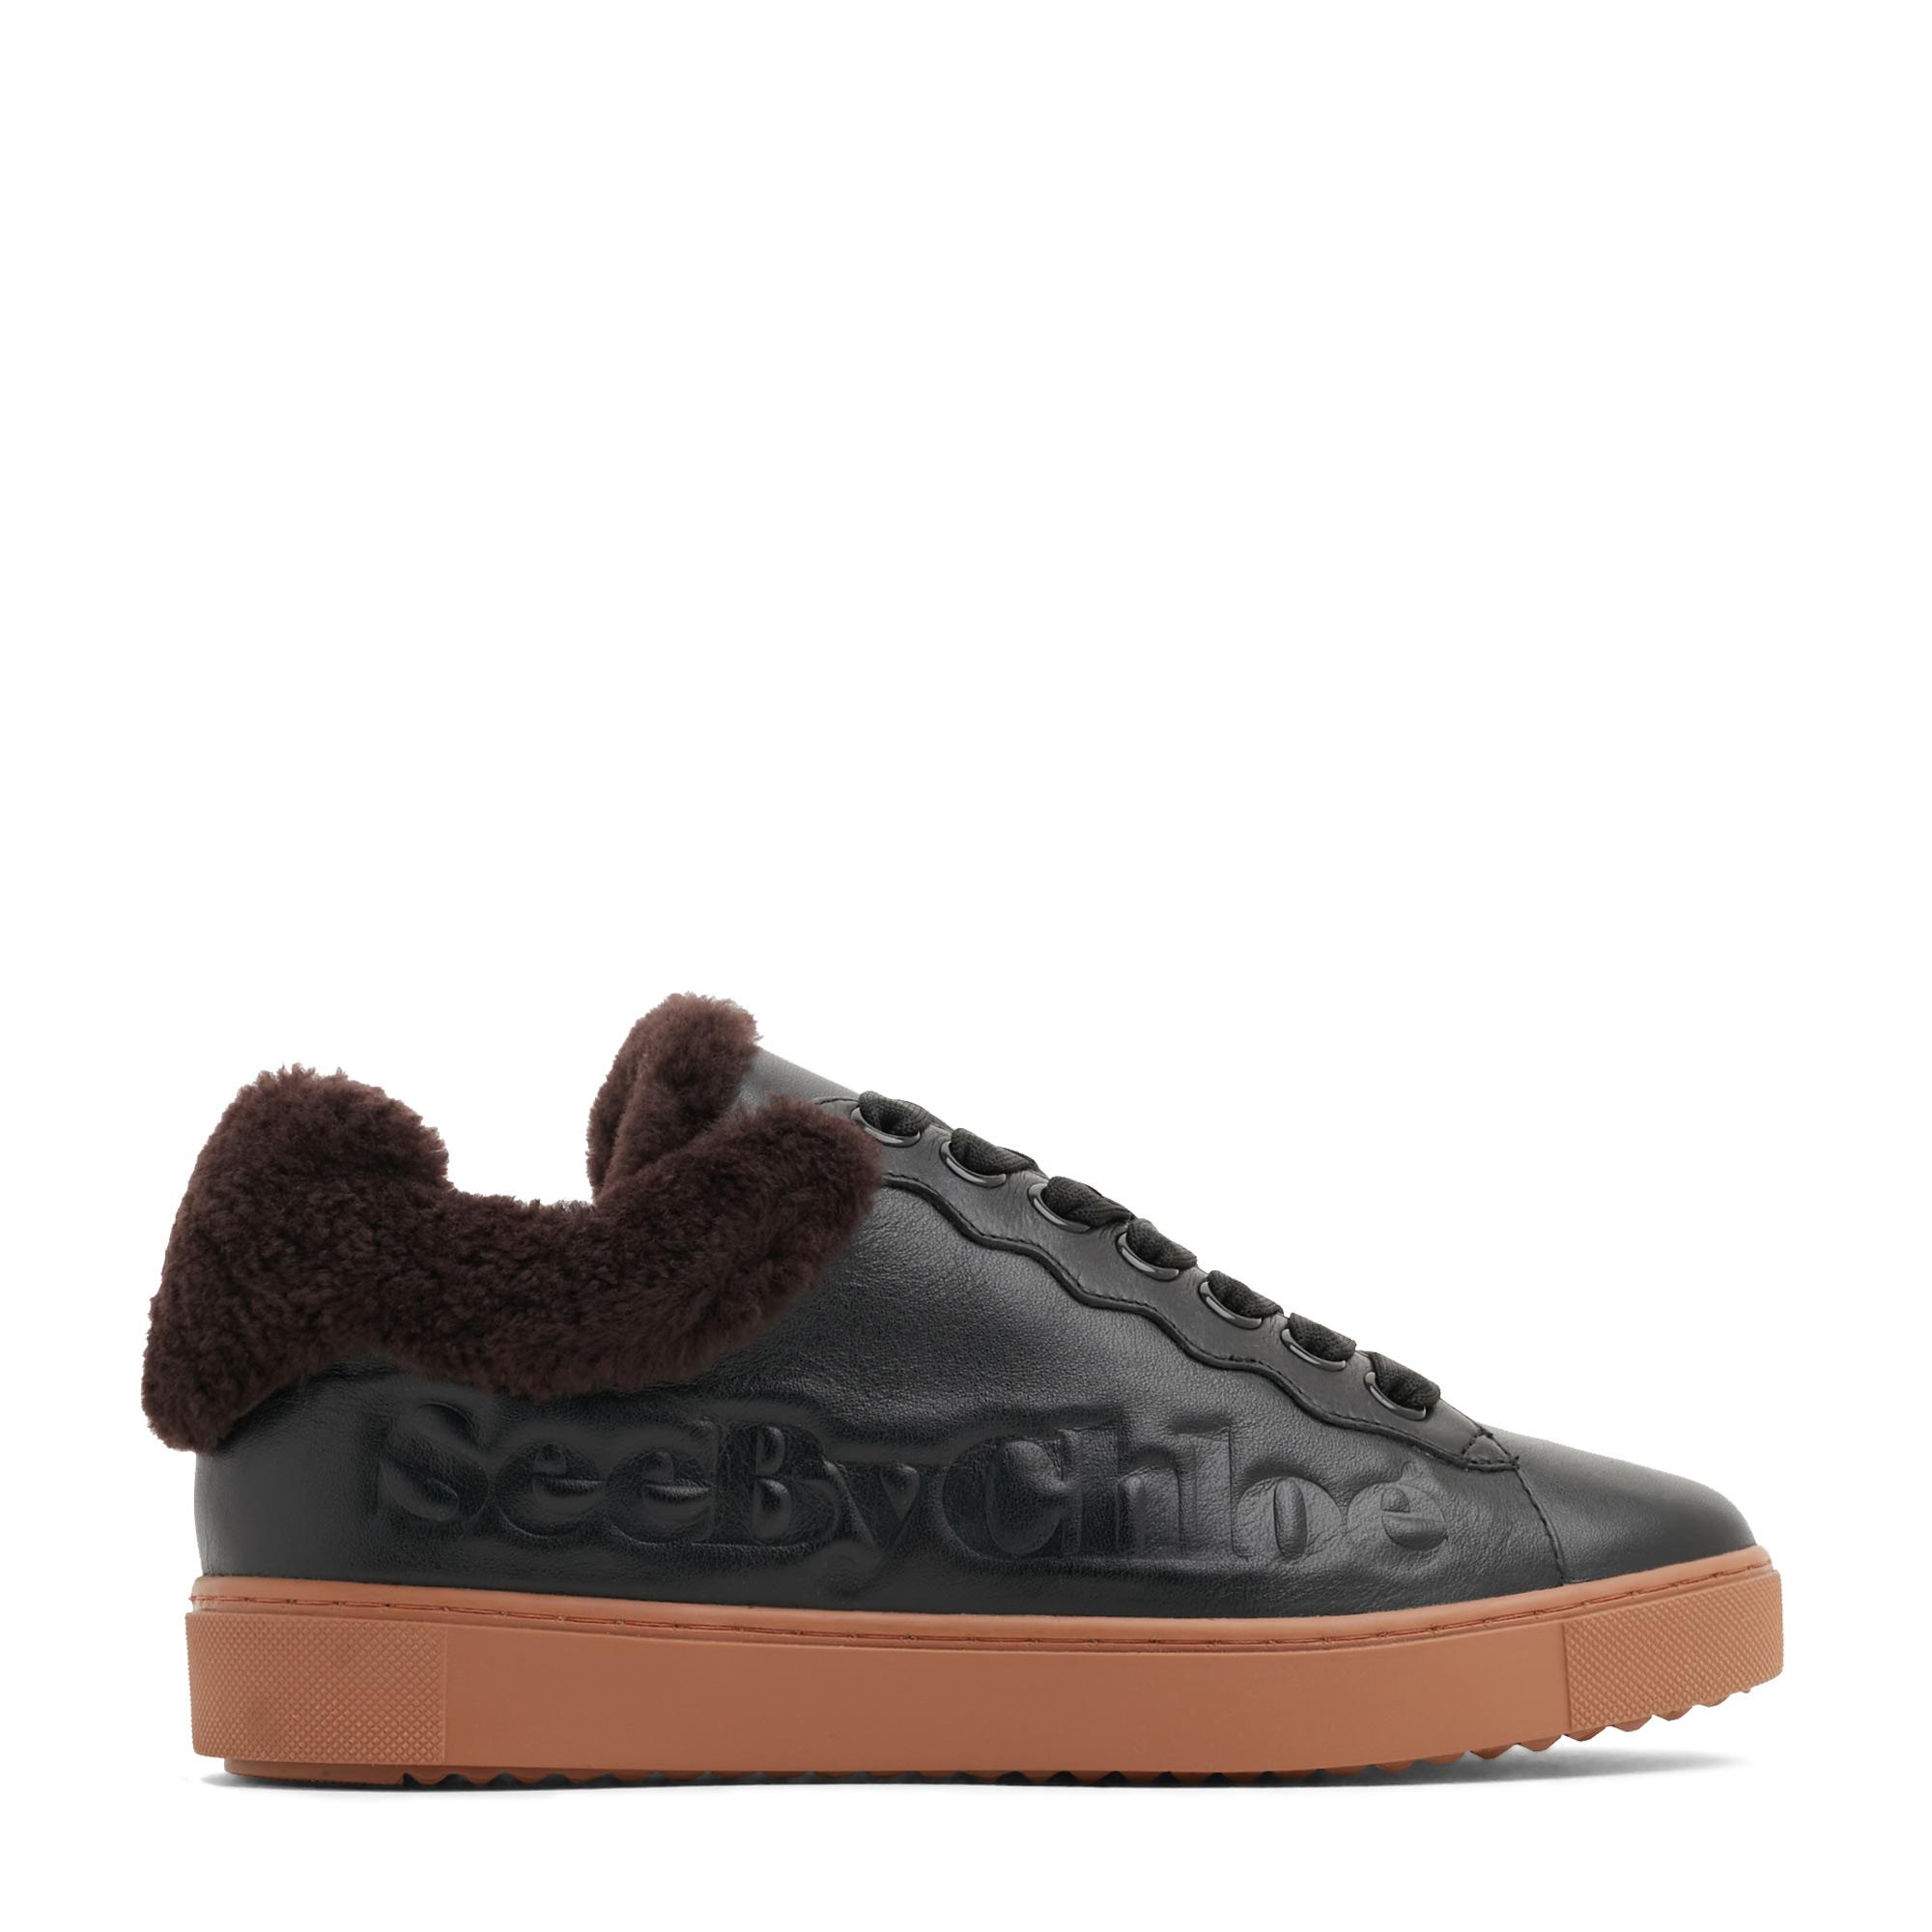 Benares sneakers